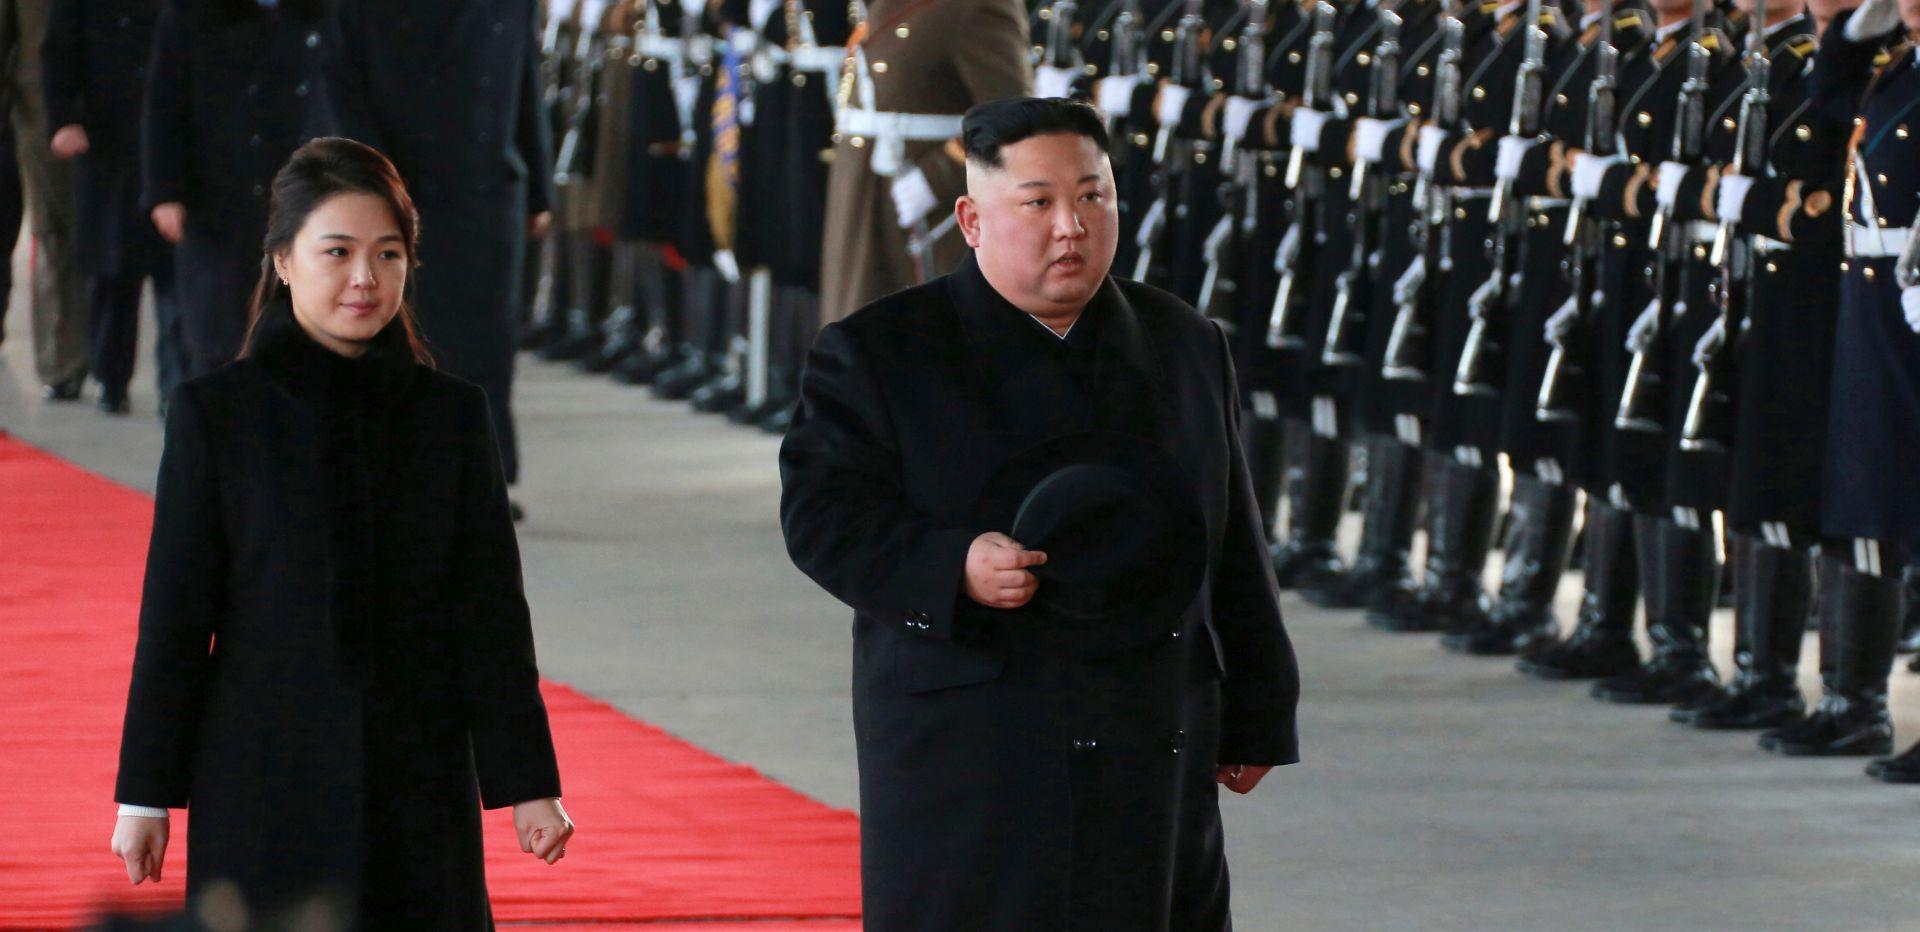 Kim u Kini razgovarao o očekivanom summitu s Trumpom